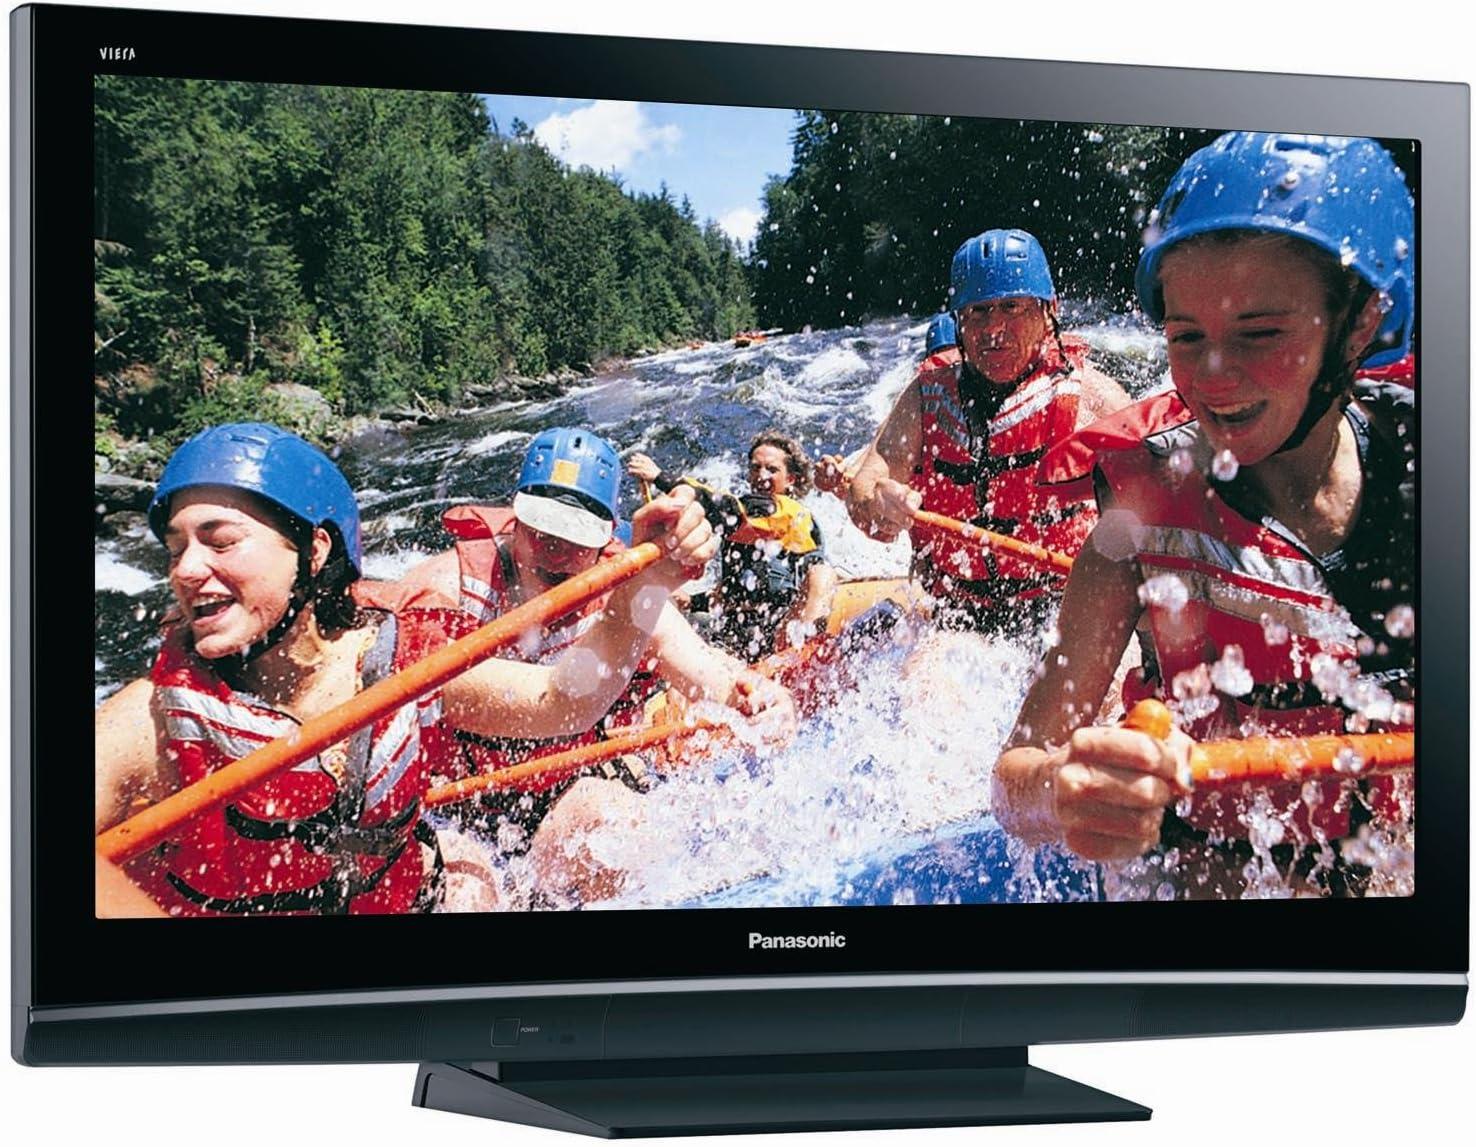 Panasonic TH-50PX80U - Televisión HD, Pantalla Plasma 50 Pulgadas: Amazon.es: Electrónica